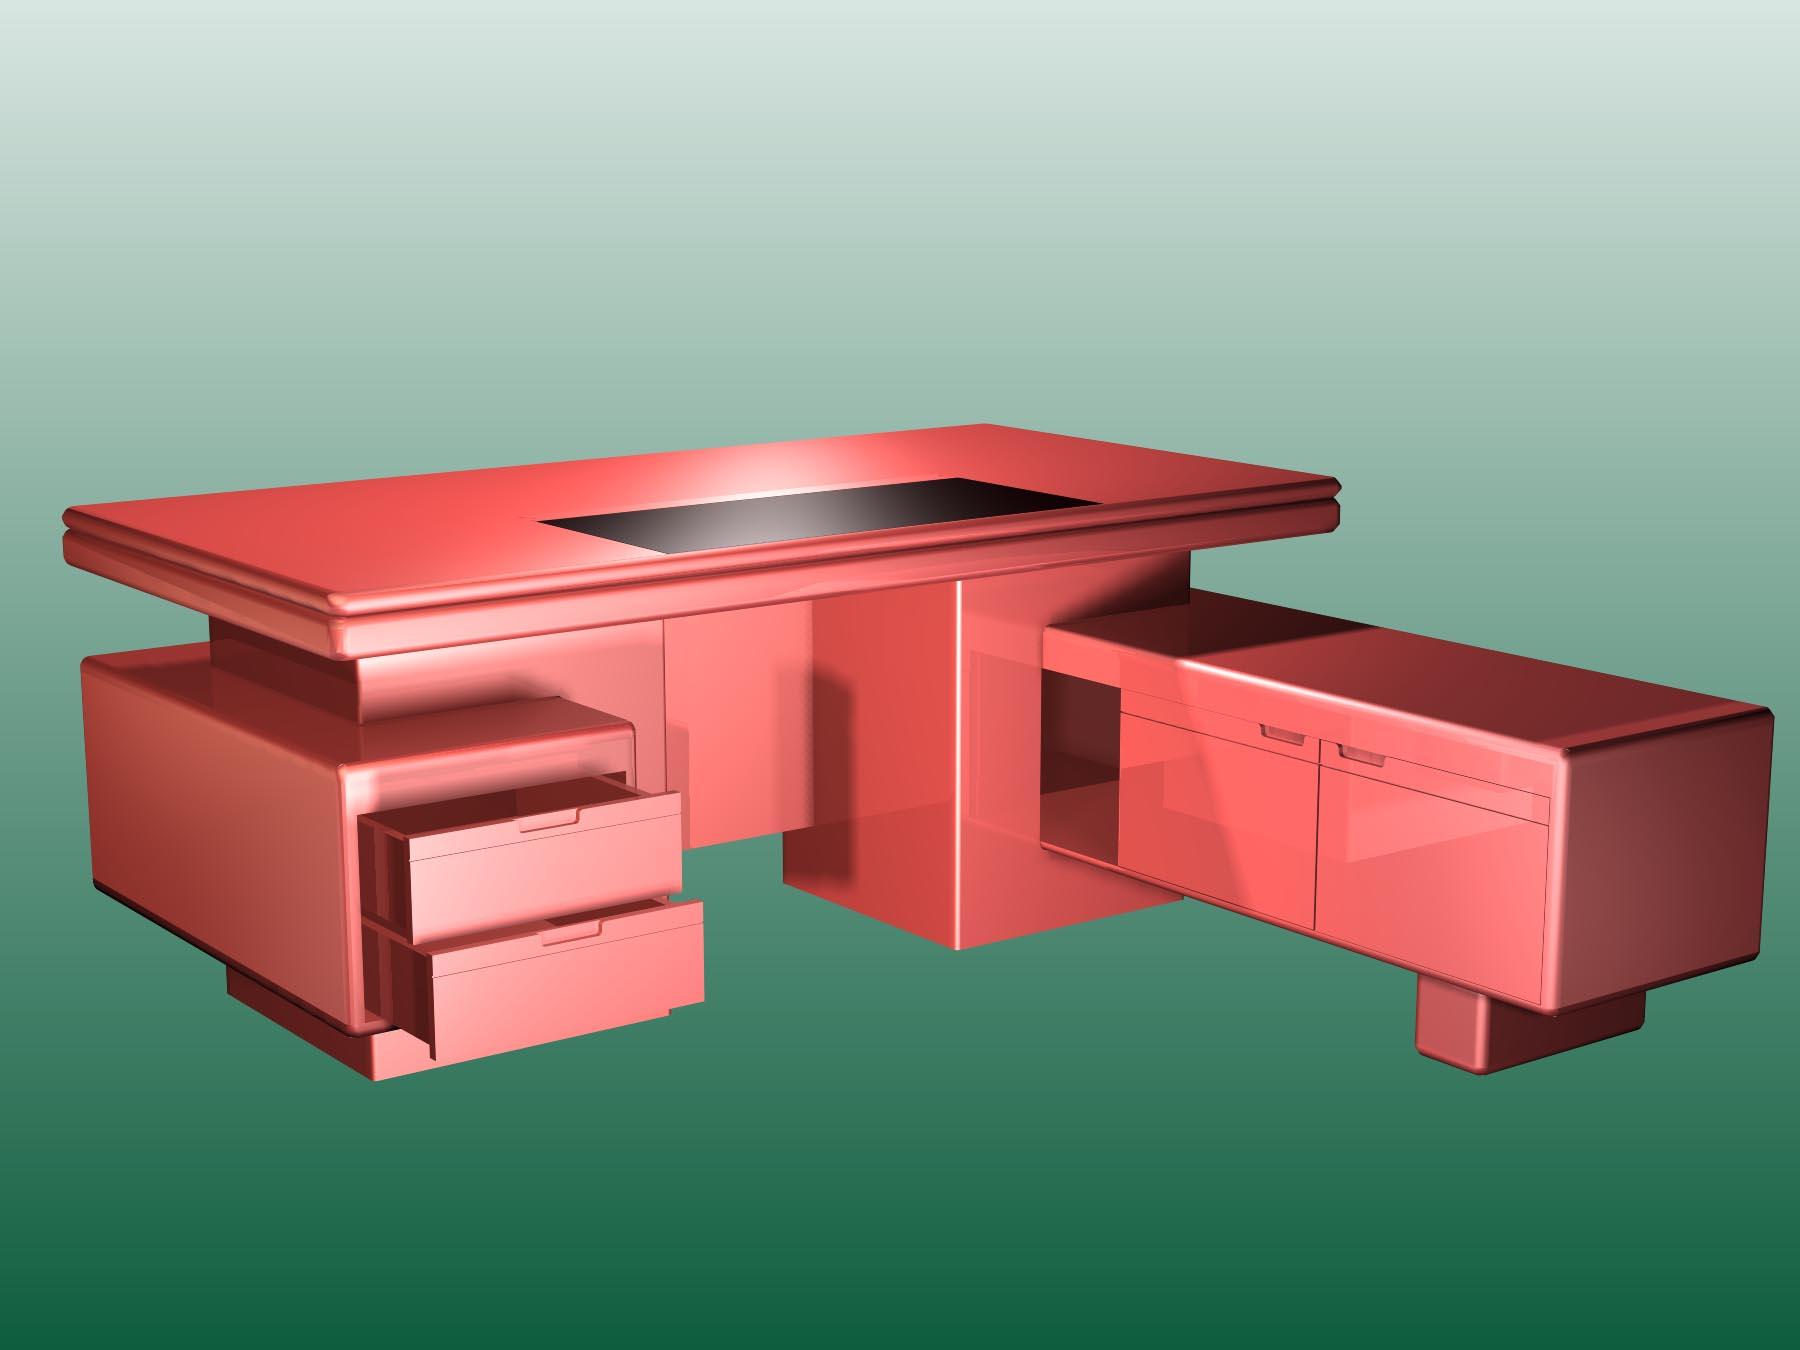 Mobiliario de oficina 003 24 3d model download free 3d for Muebles de oficina 3d model